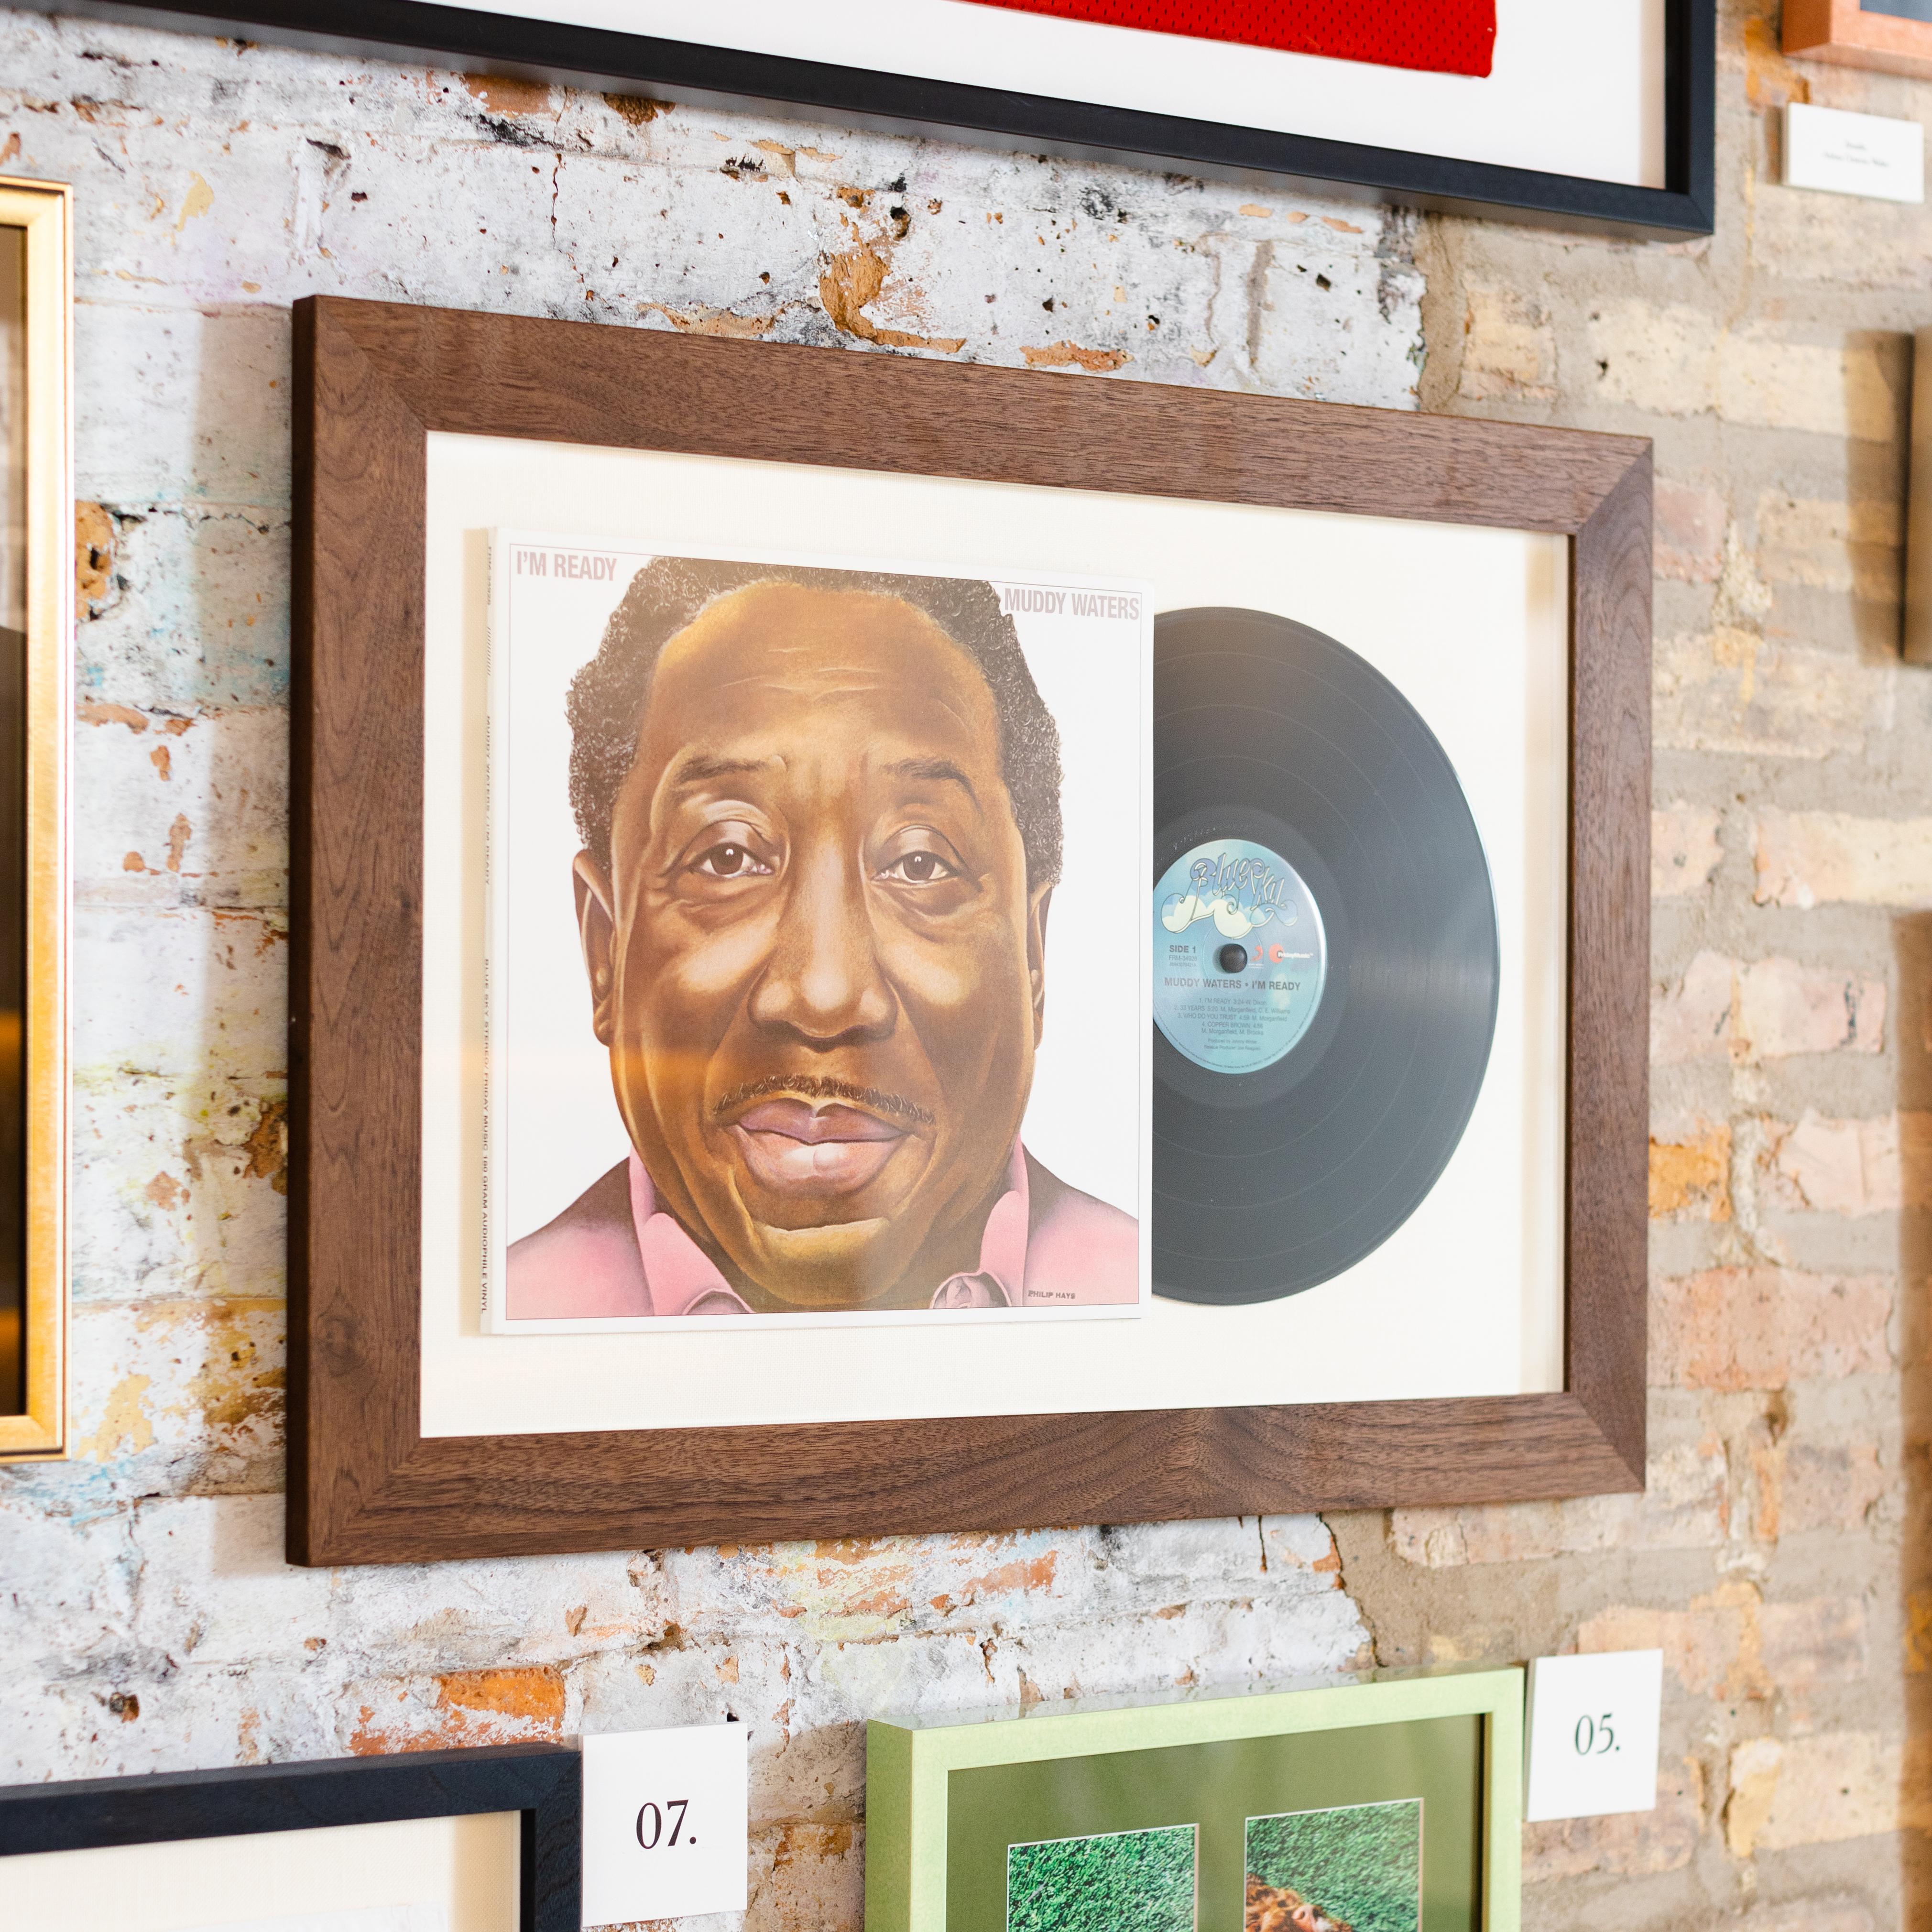 framed muddy waters vinyl